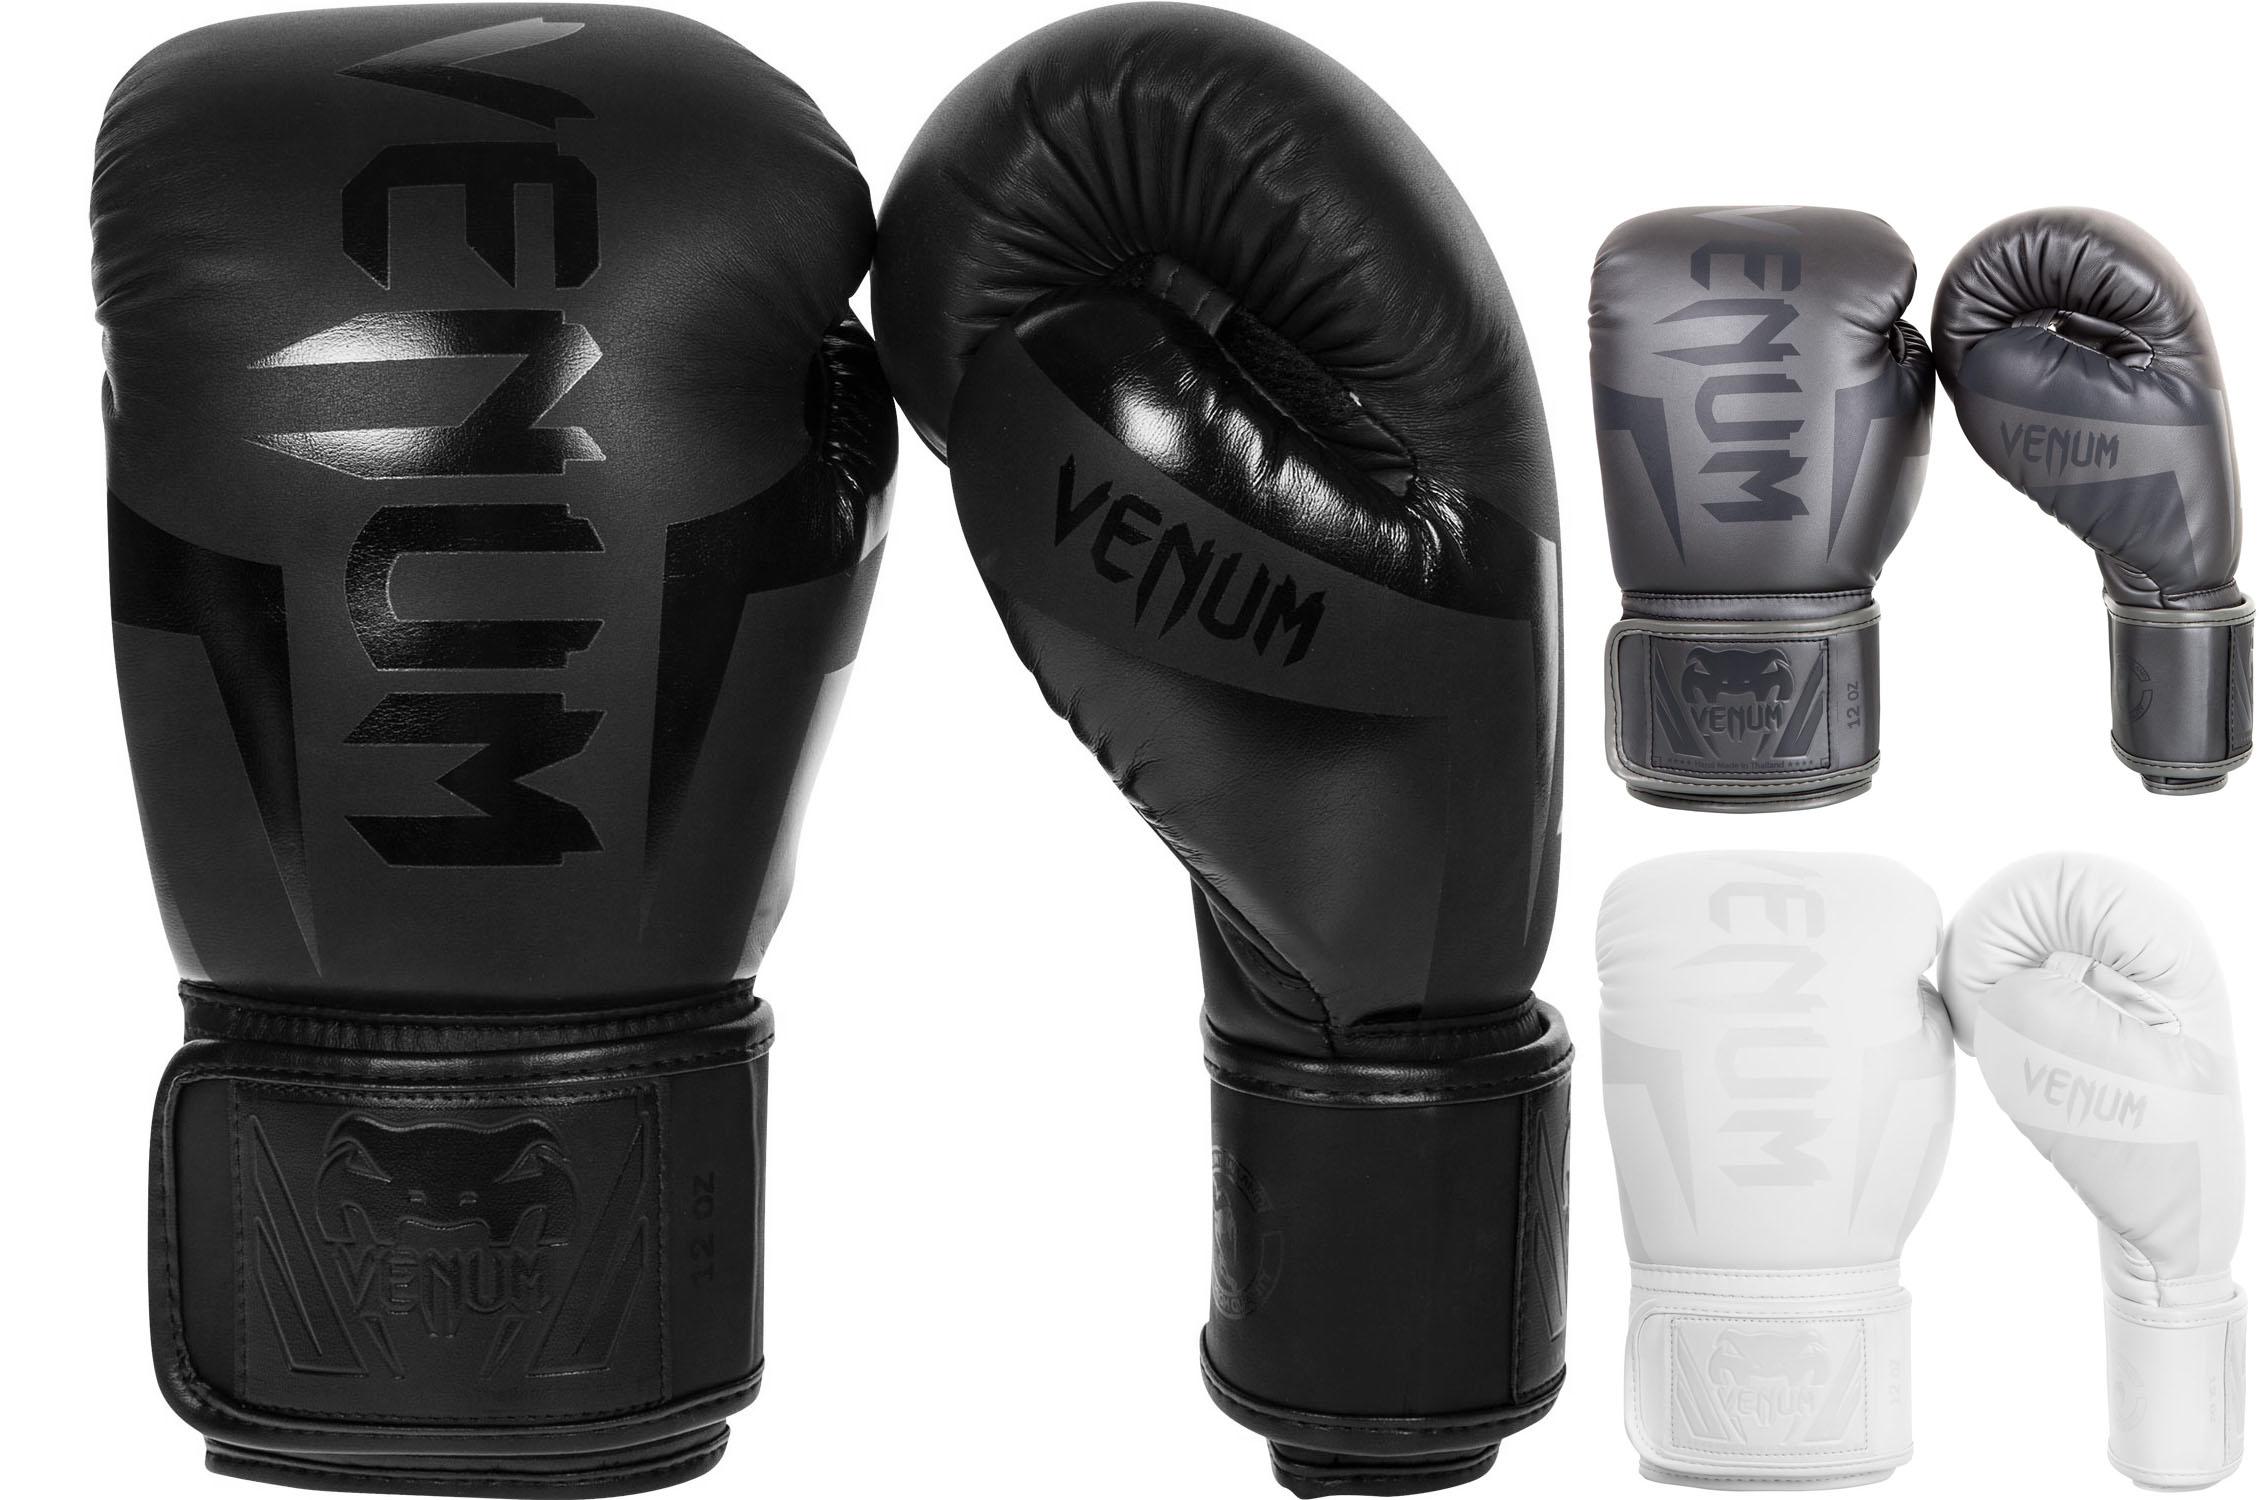 e0499d677 Guantes de Boxeo, Cuero Skintex - Elite, Venum - DragonSports.eu